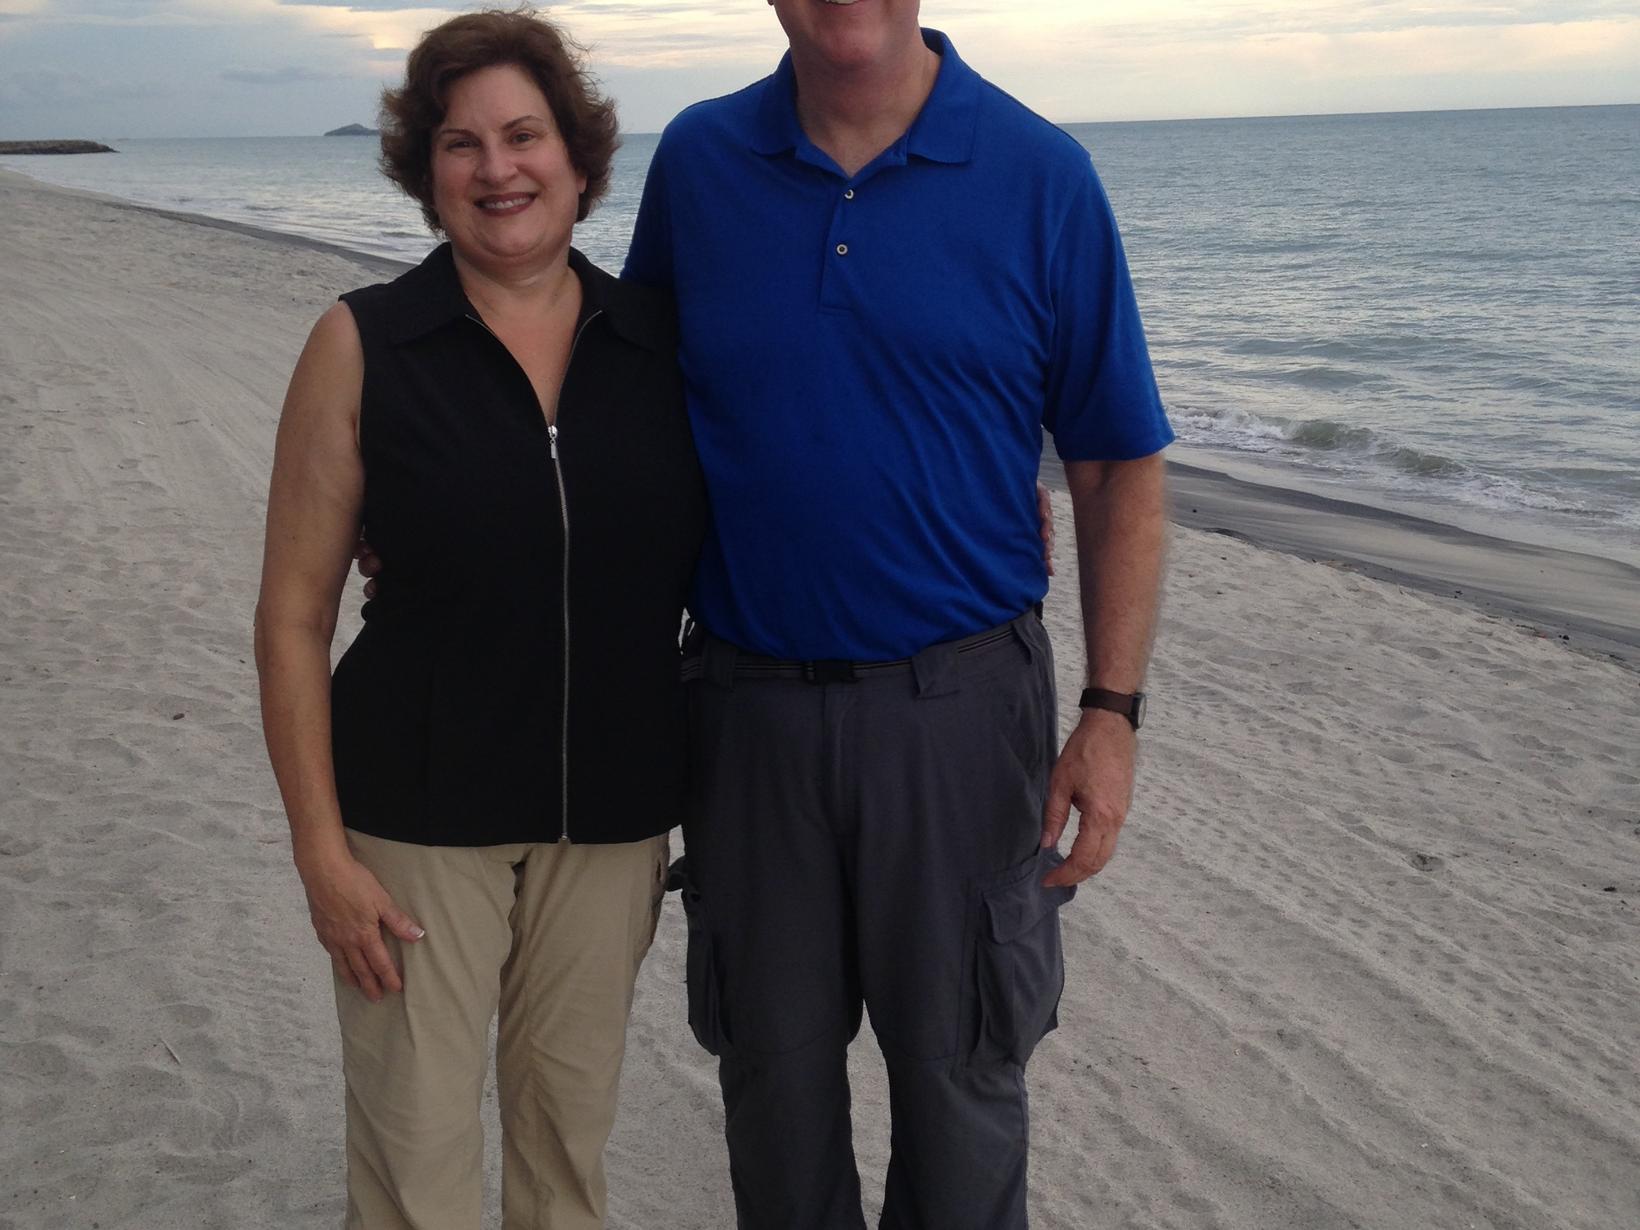 David & Karen from Jacksonville, Florida, United States